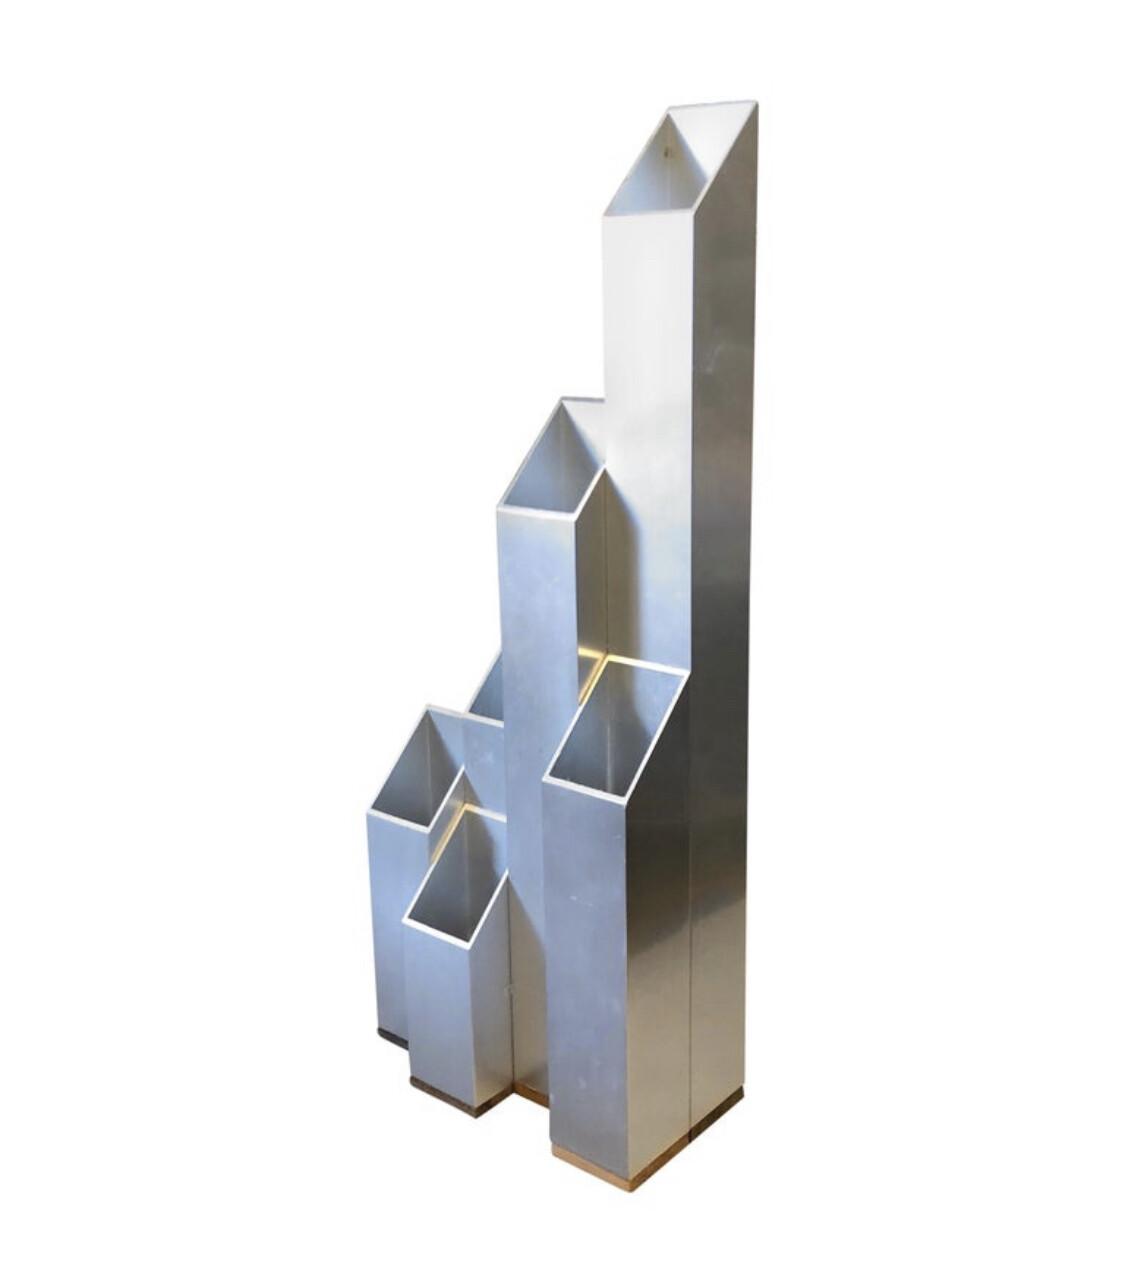 Modernist Aluminium and Wood Italian Vase, circa 1970